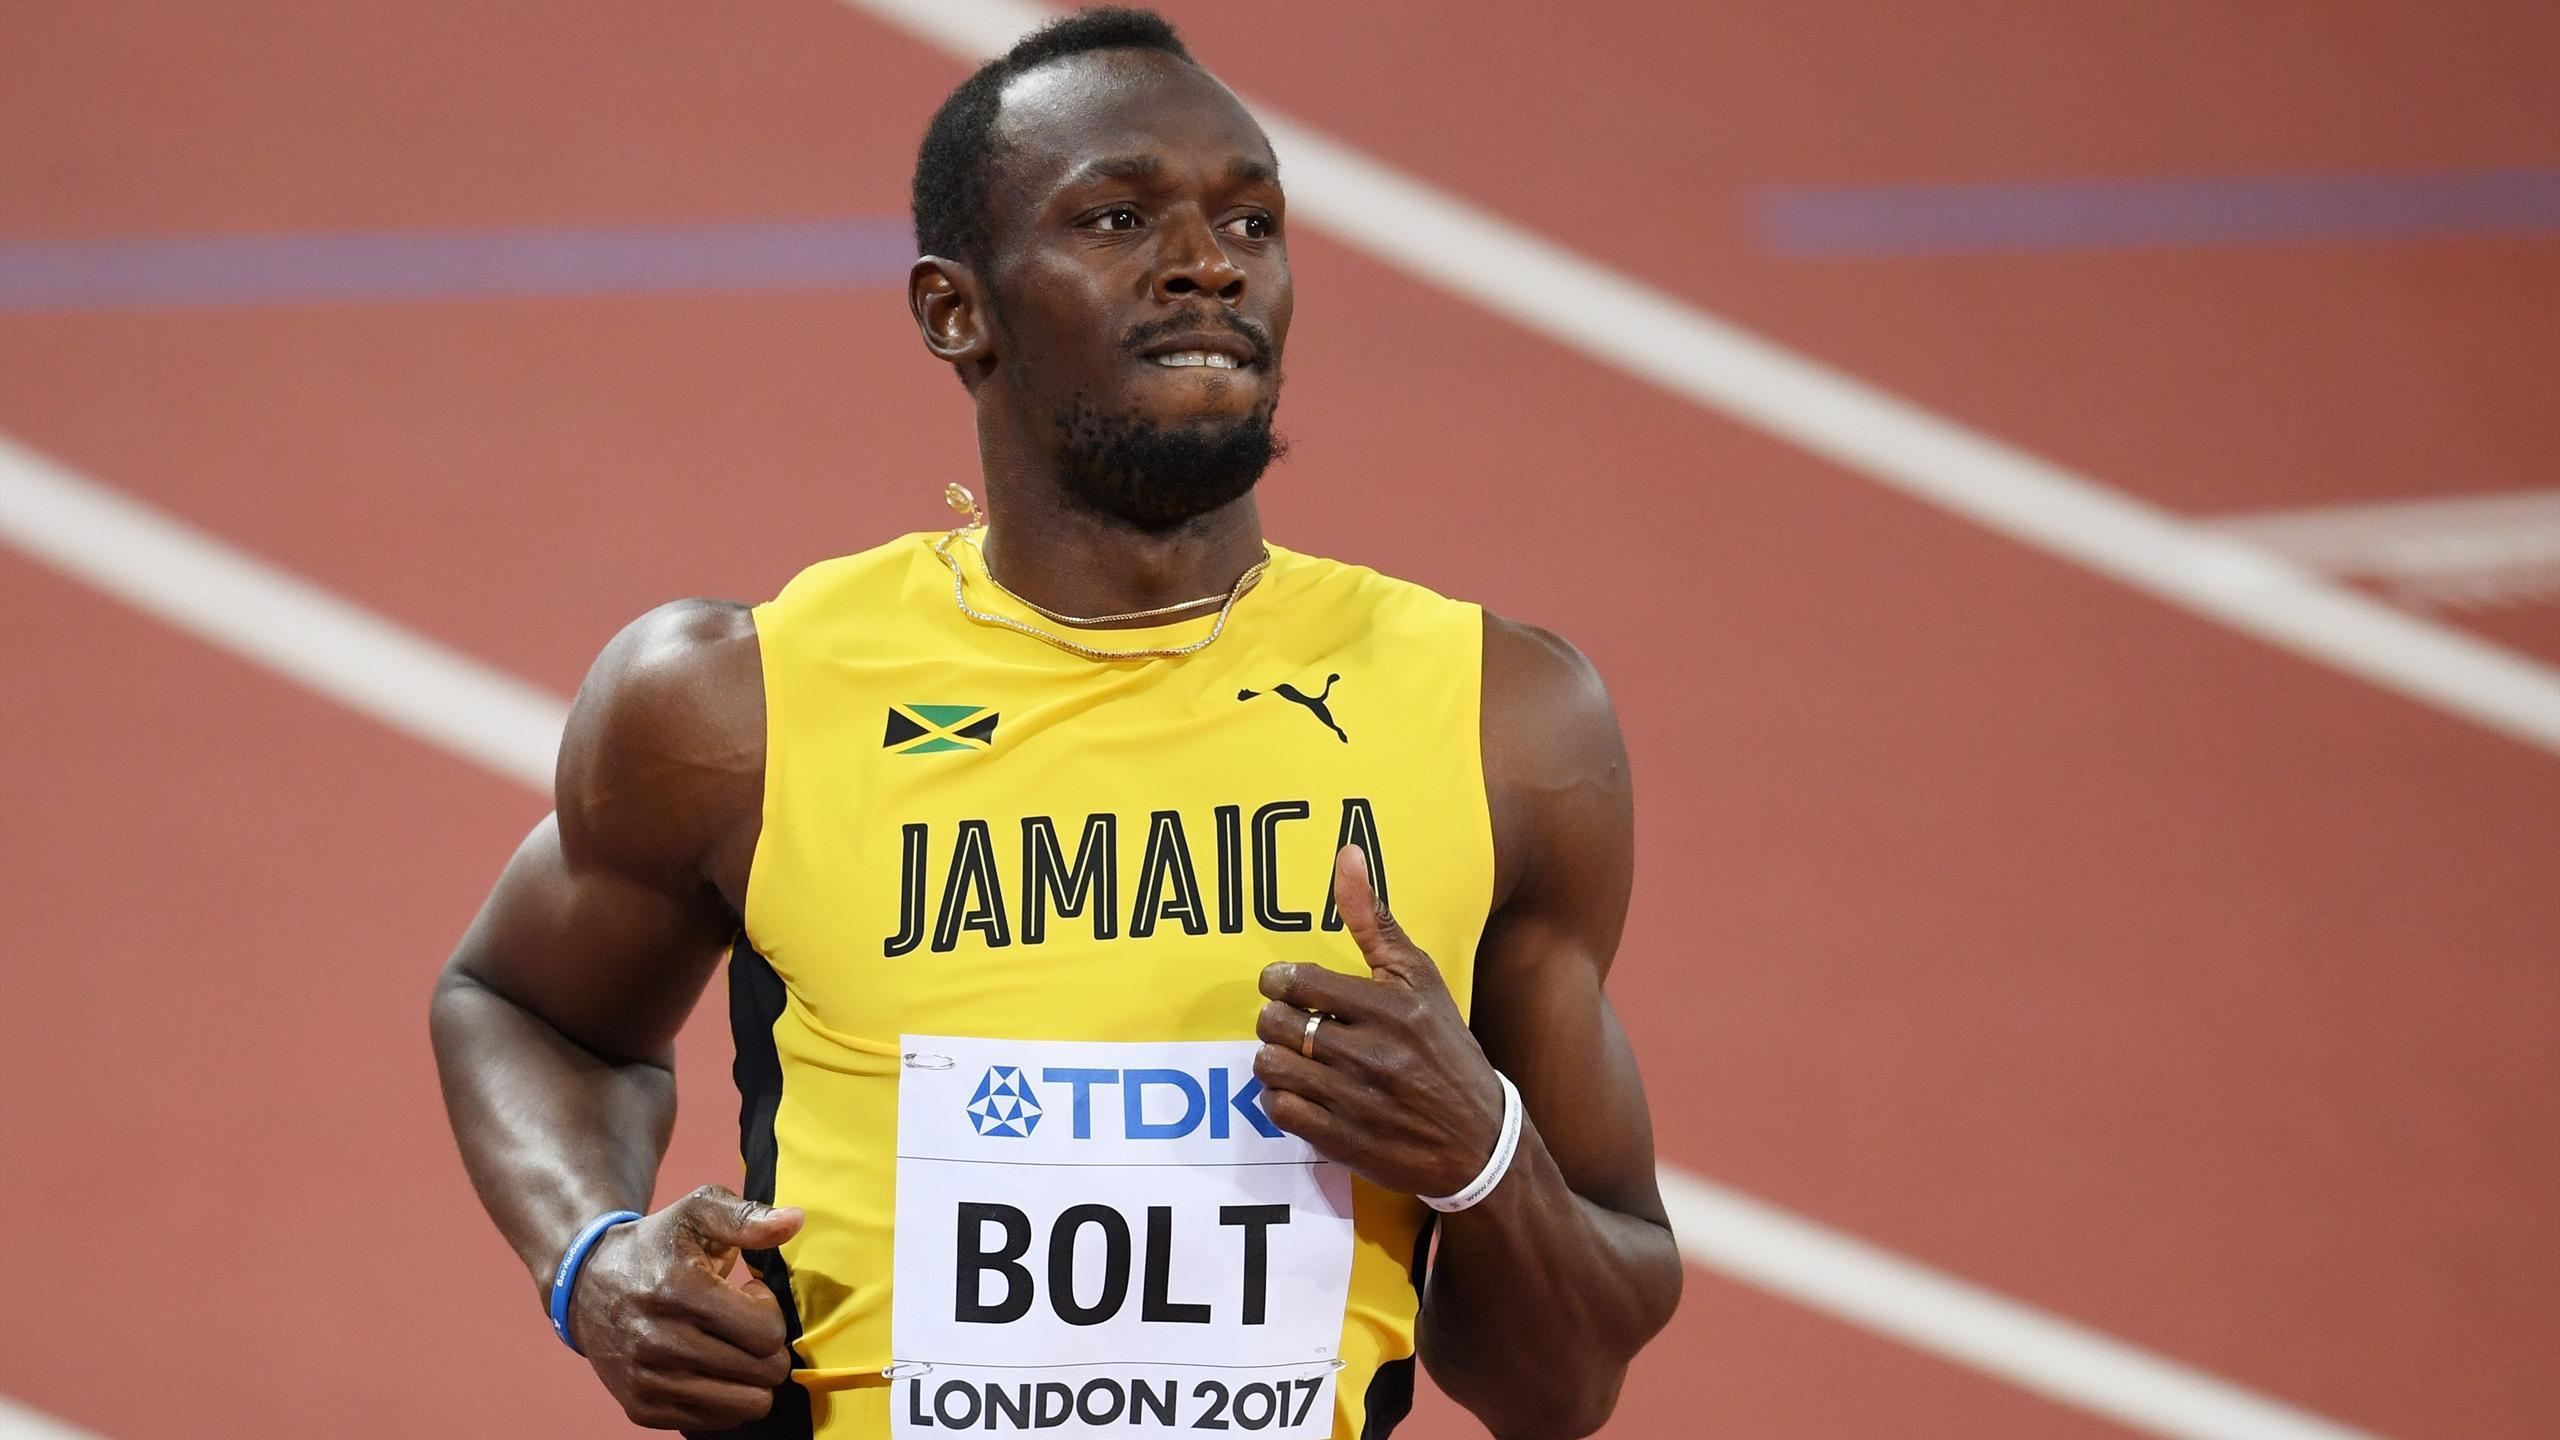 Usain Bolt A Lissue Des Series Du 100m Aux Mondiaux De Londres 2017Getty Images